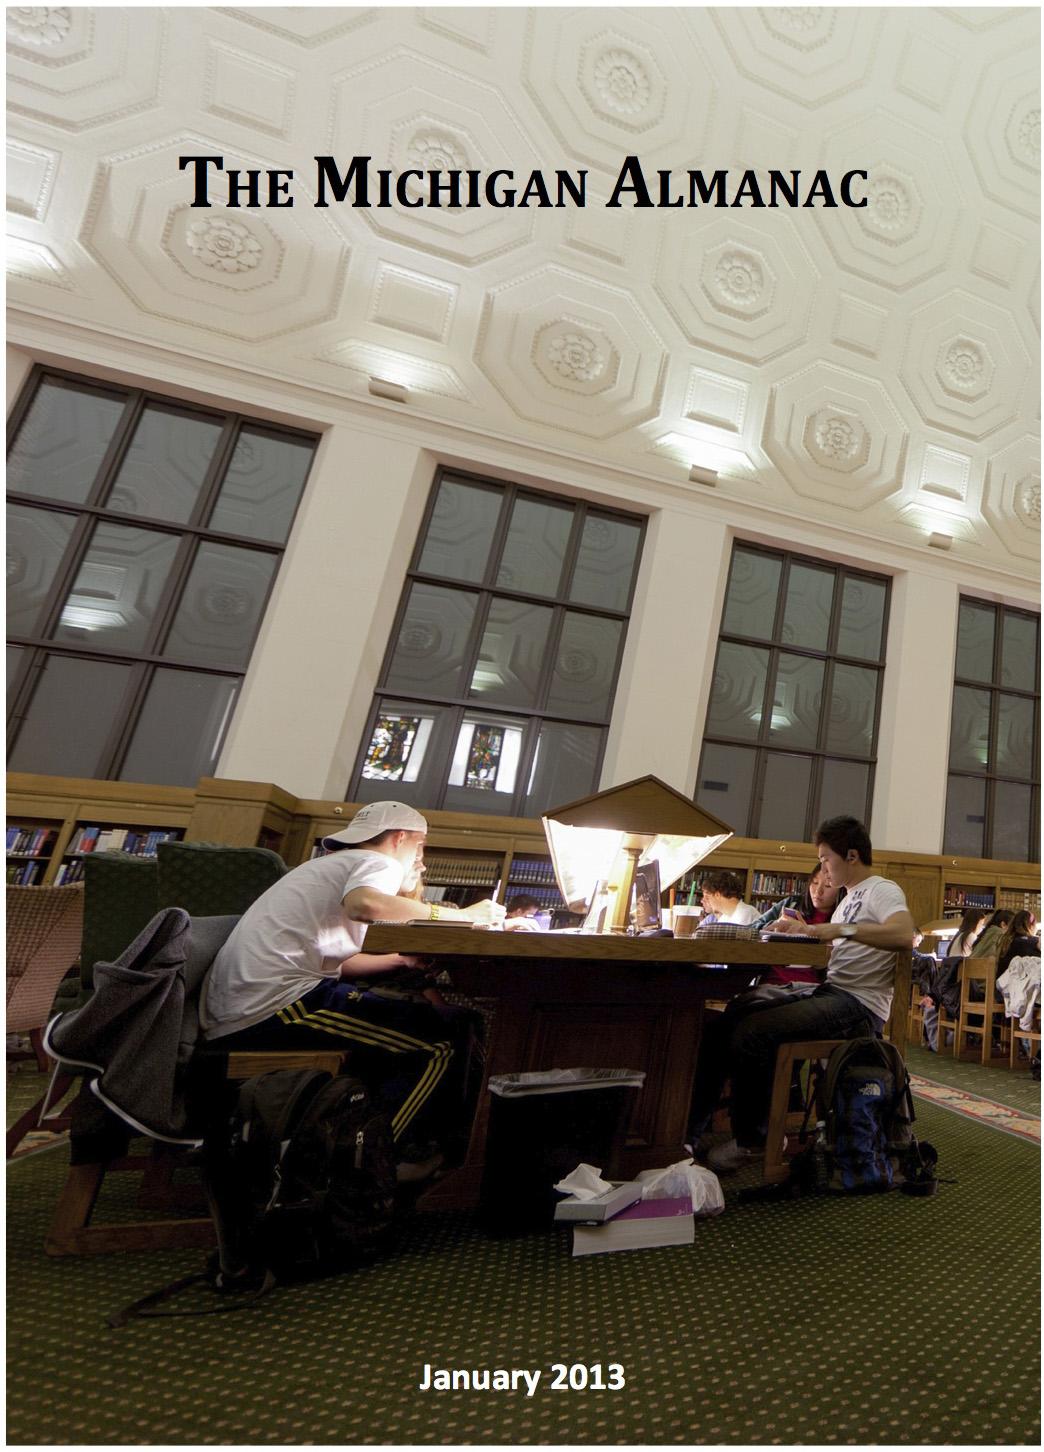 Michigan Almanac cover image